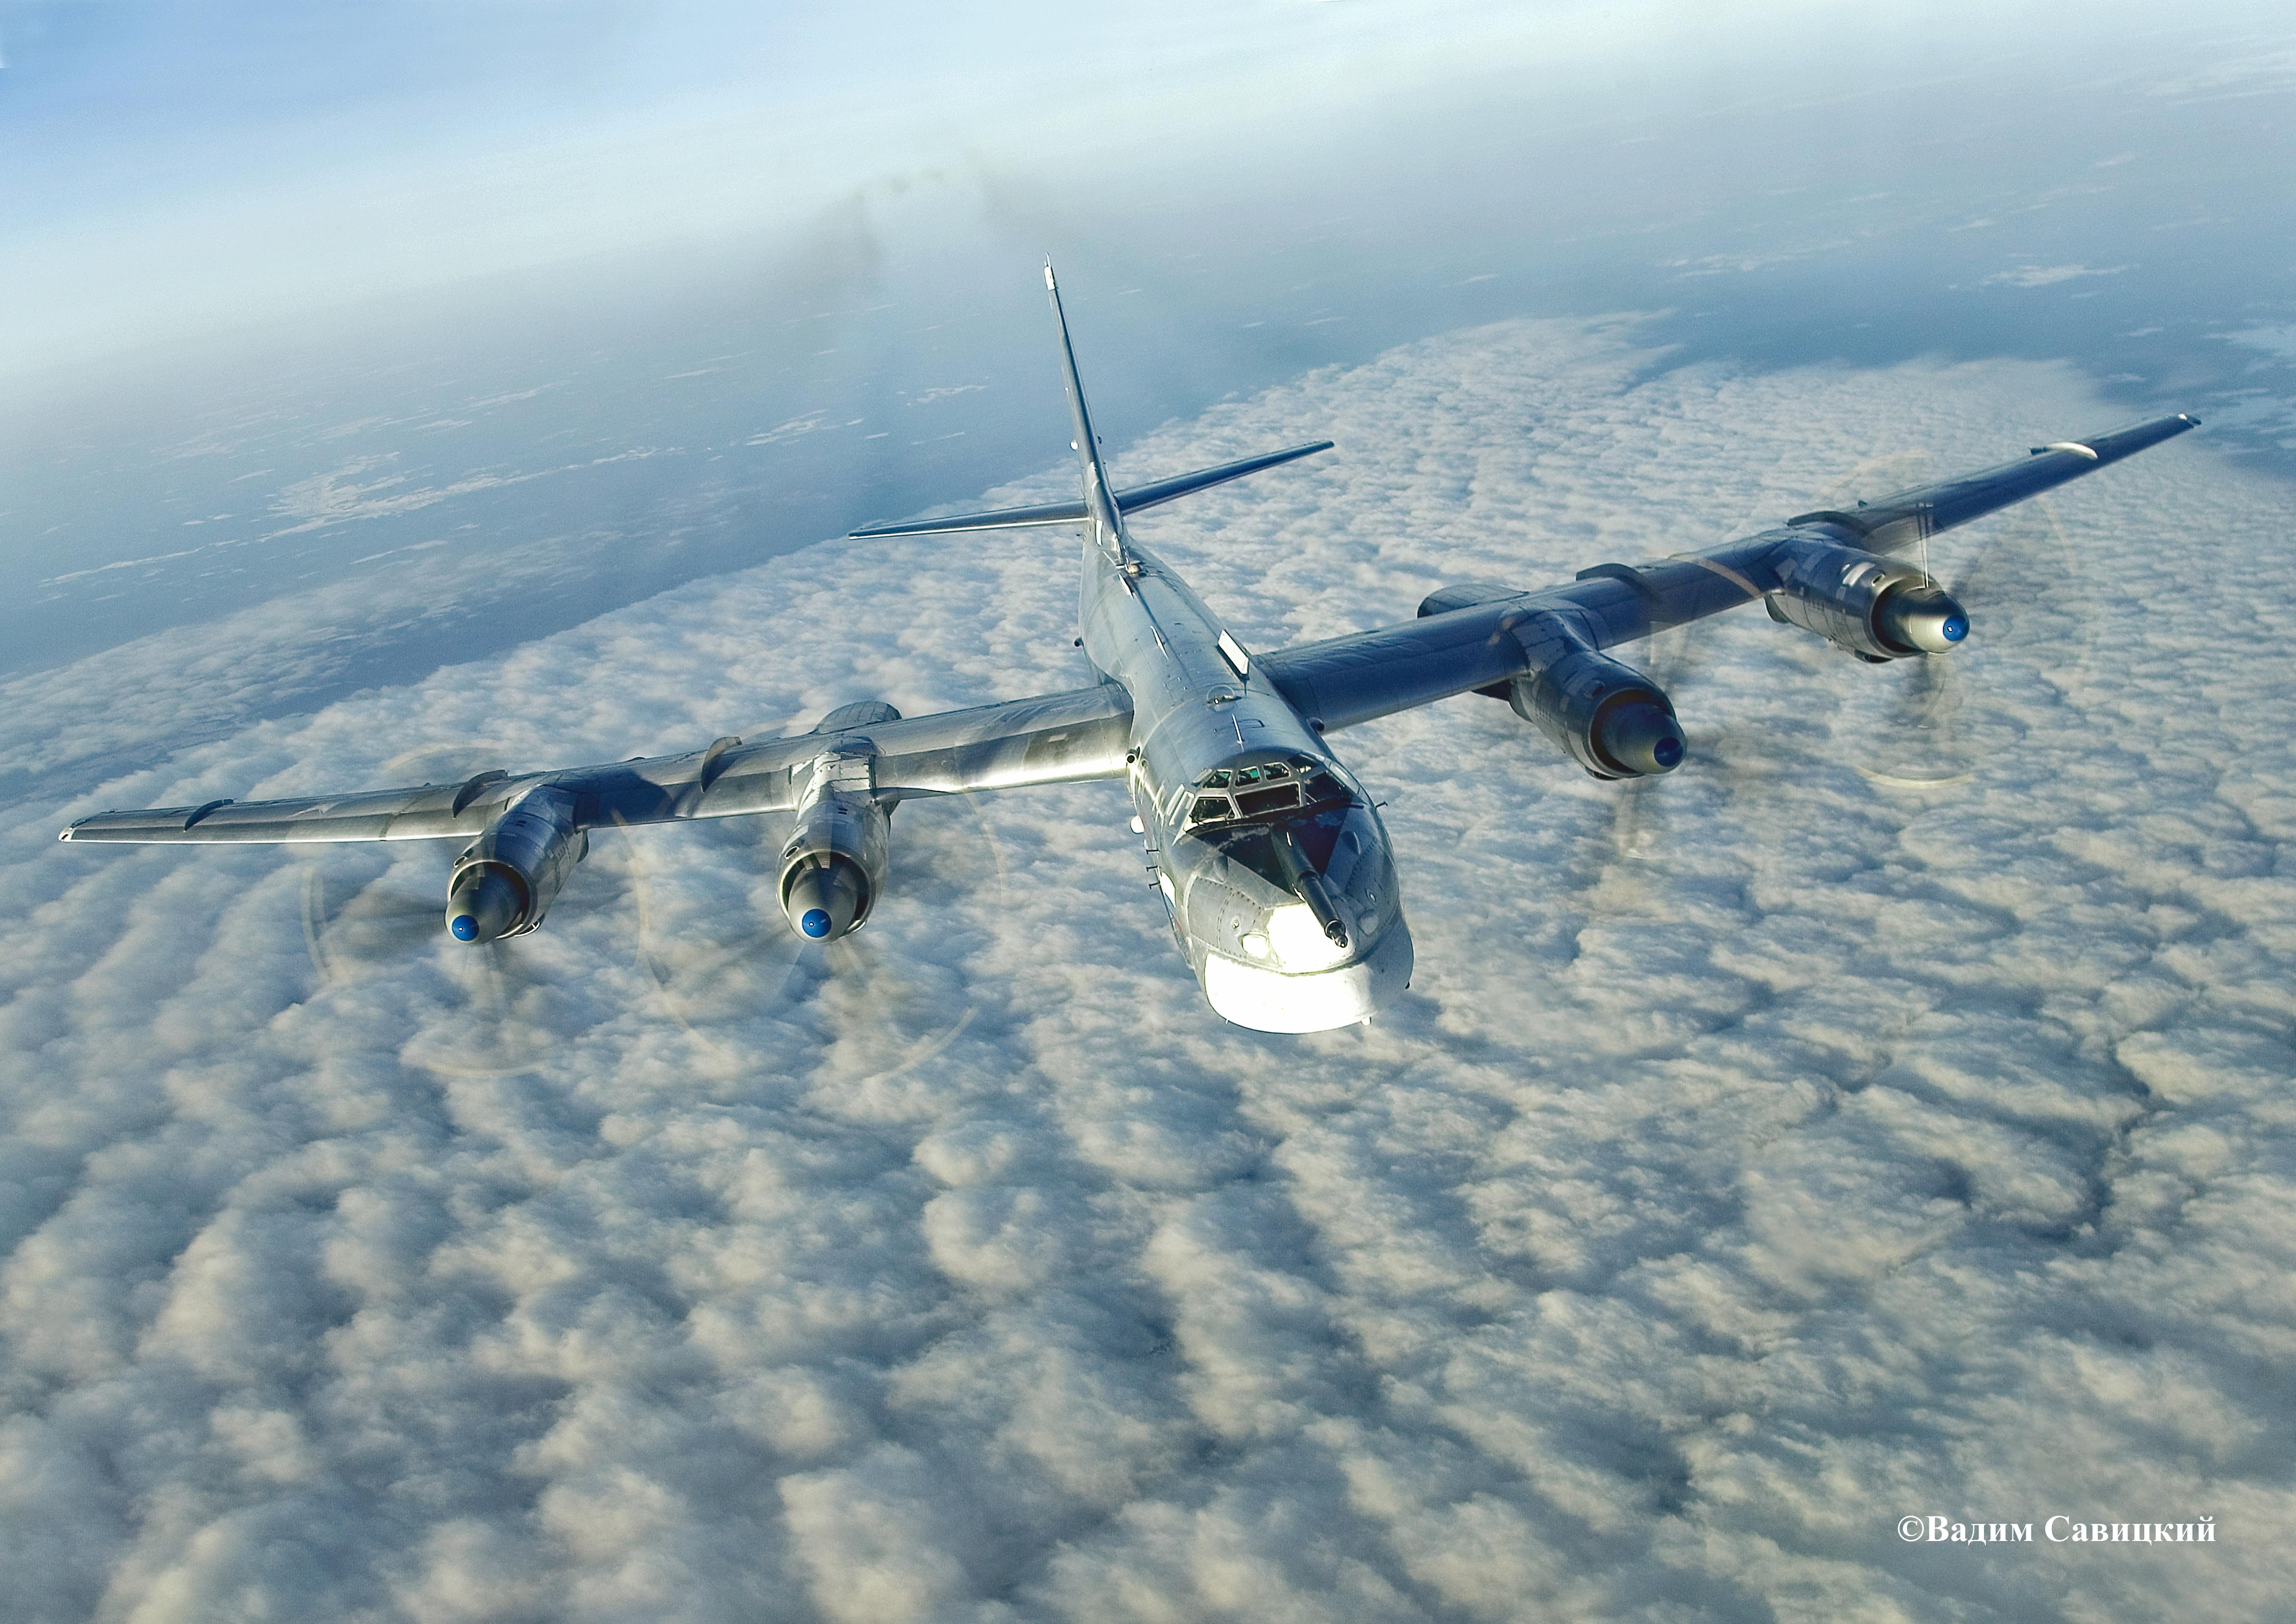 Фото российские военные самолты облетели вокруг японии японские ввс подняли по тревоге 2